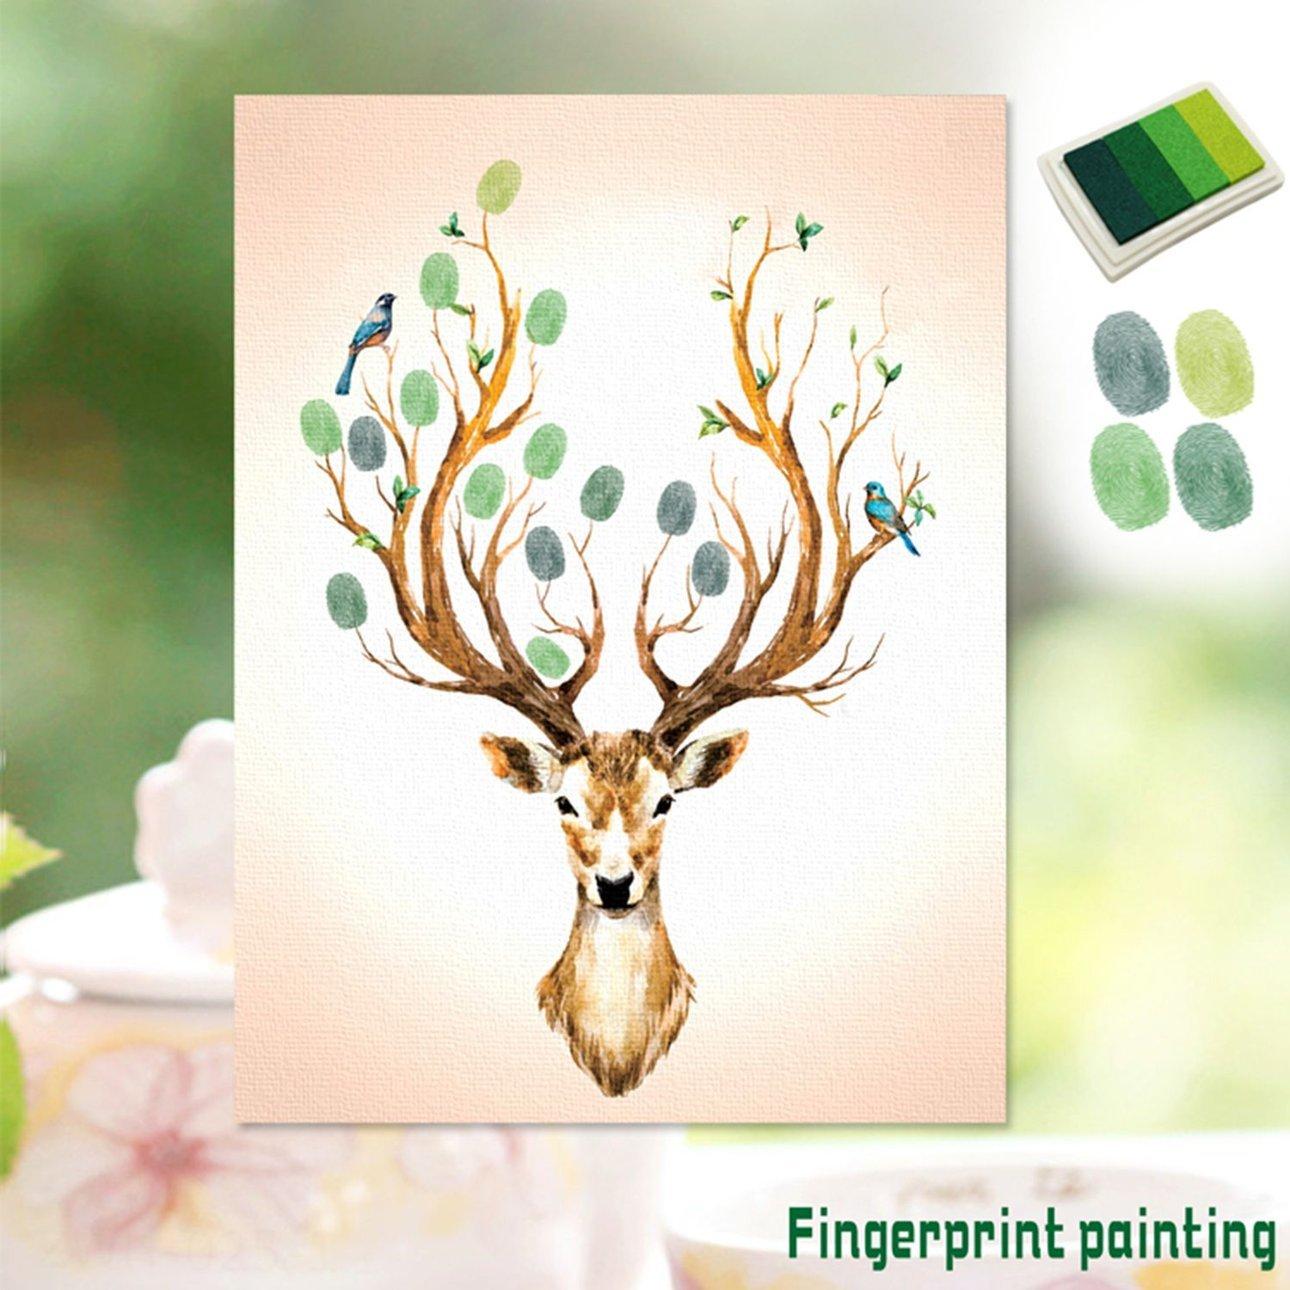 Ballylelly Kreative Selbstklebende Fingerabdrucke Malerei Anmelden